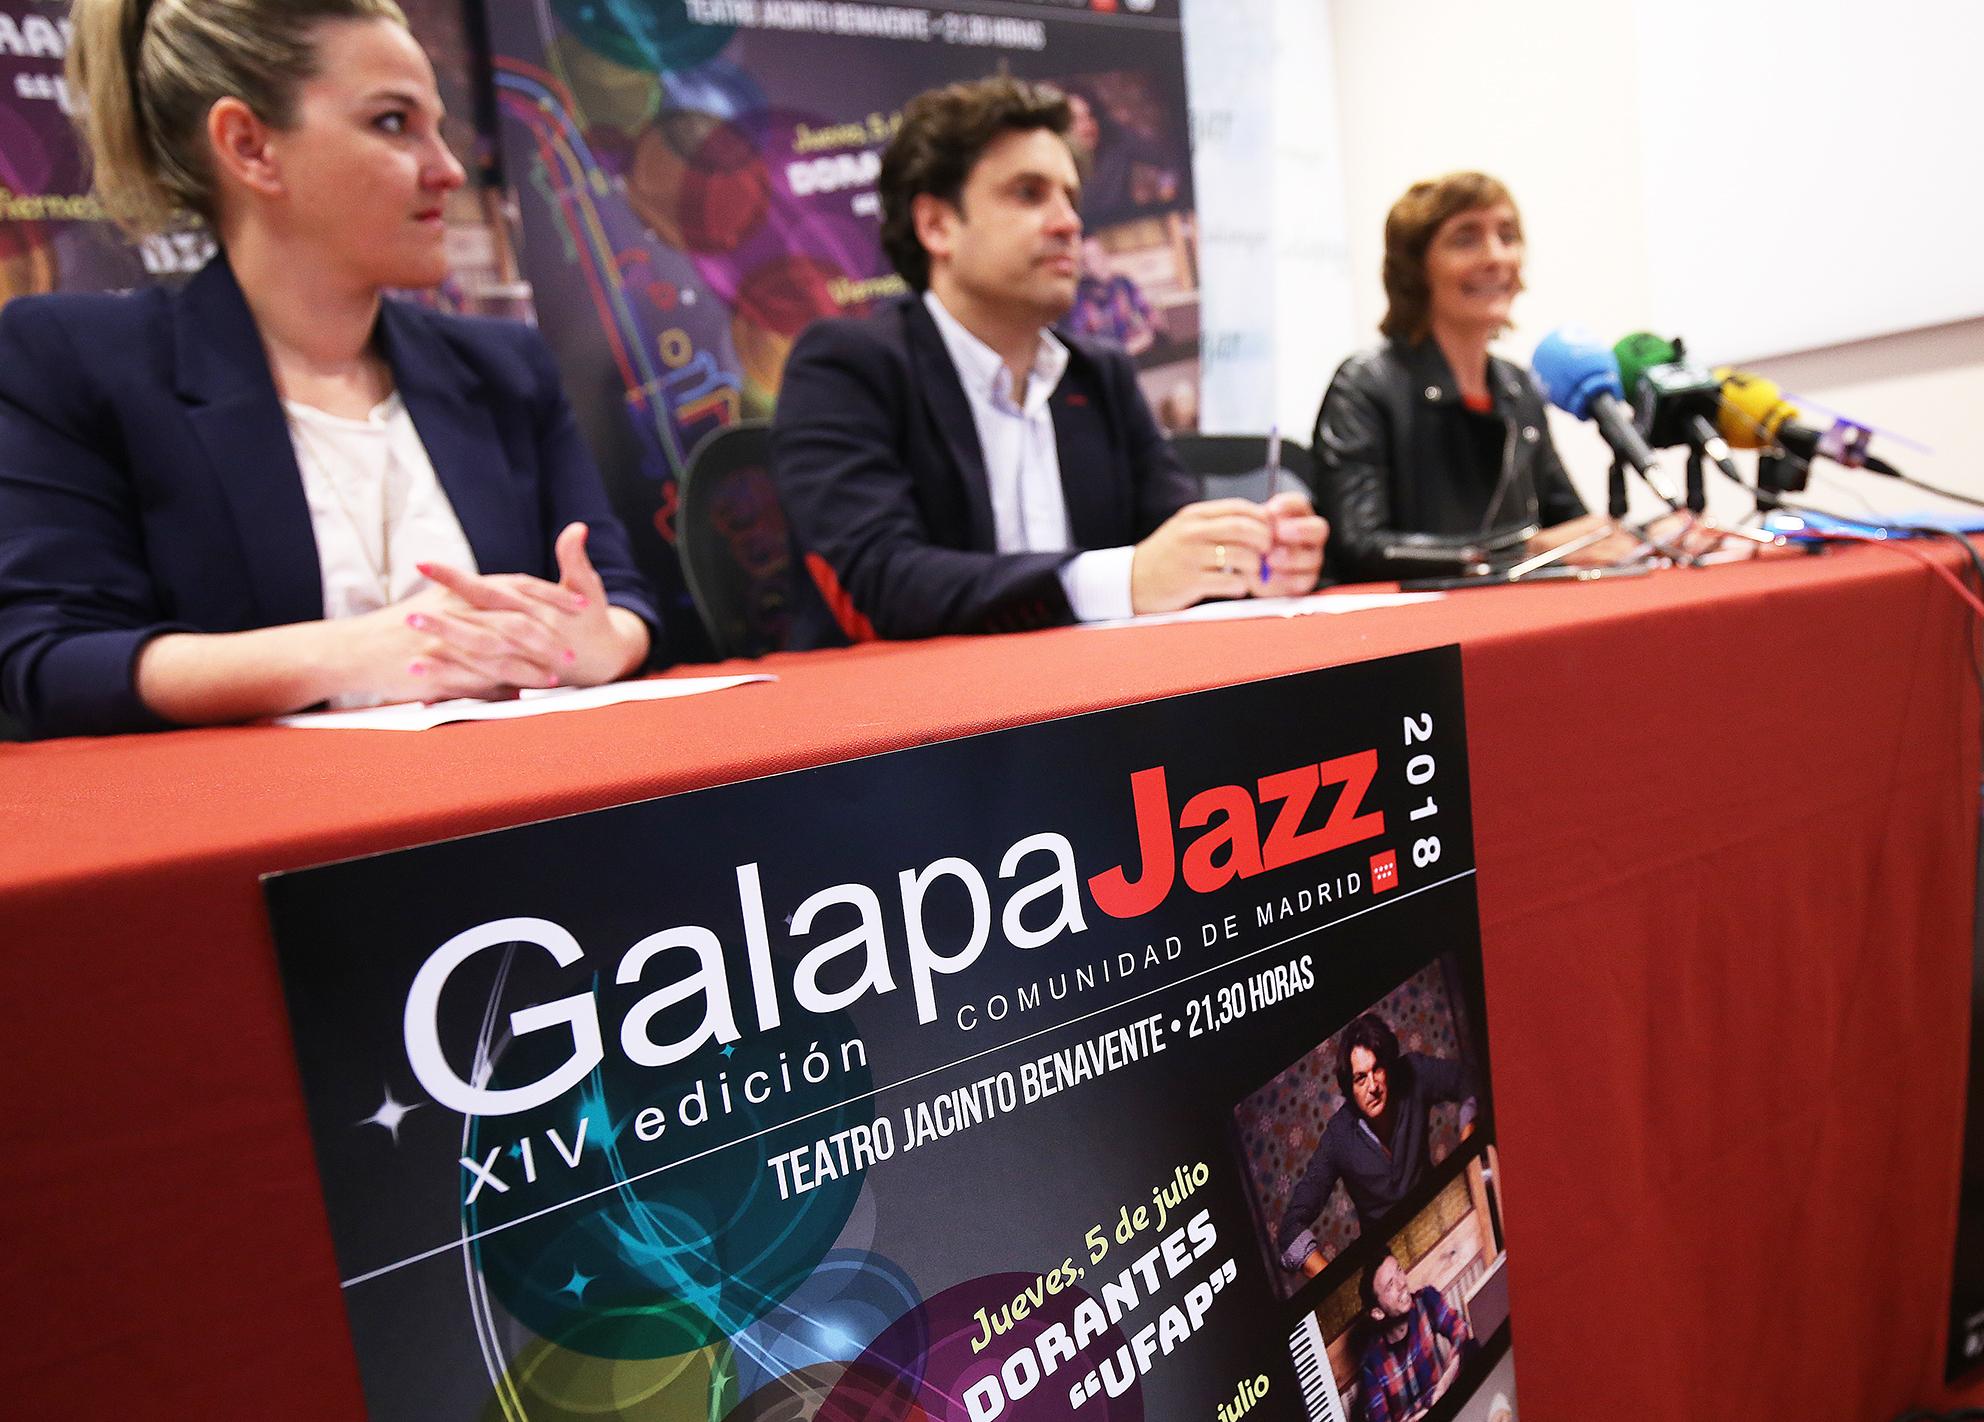 galapajazz 2018 1